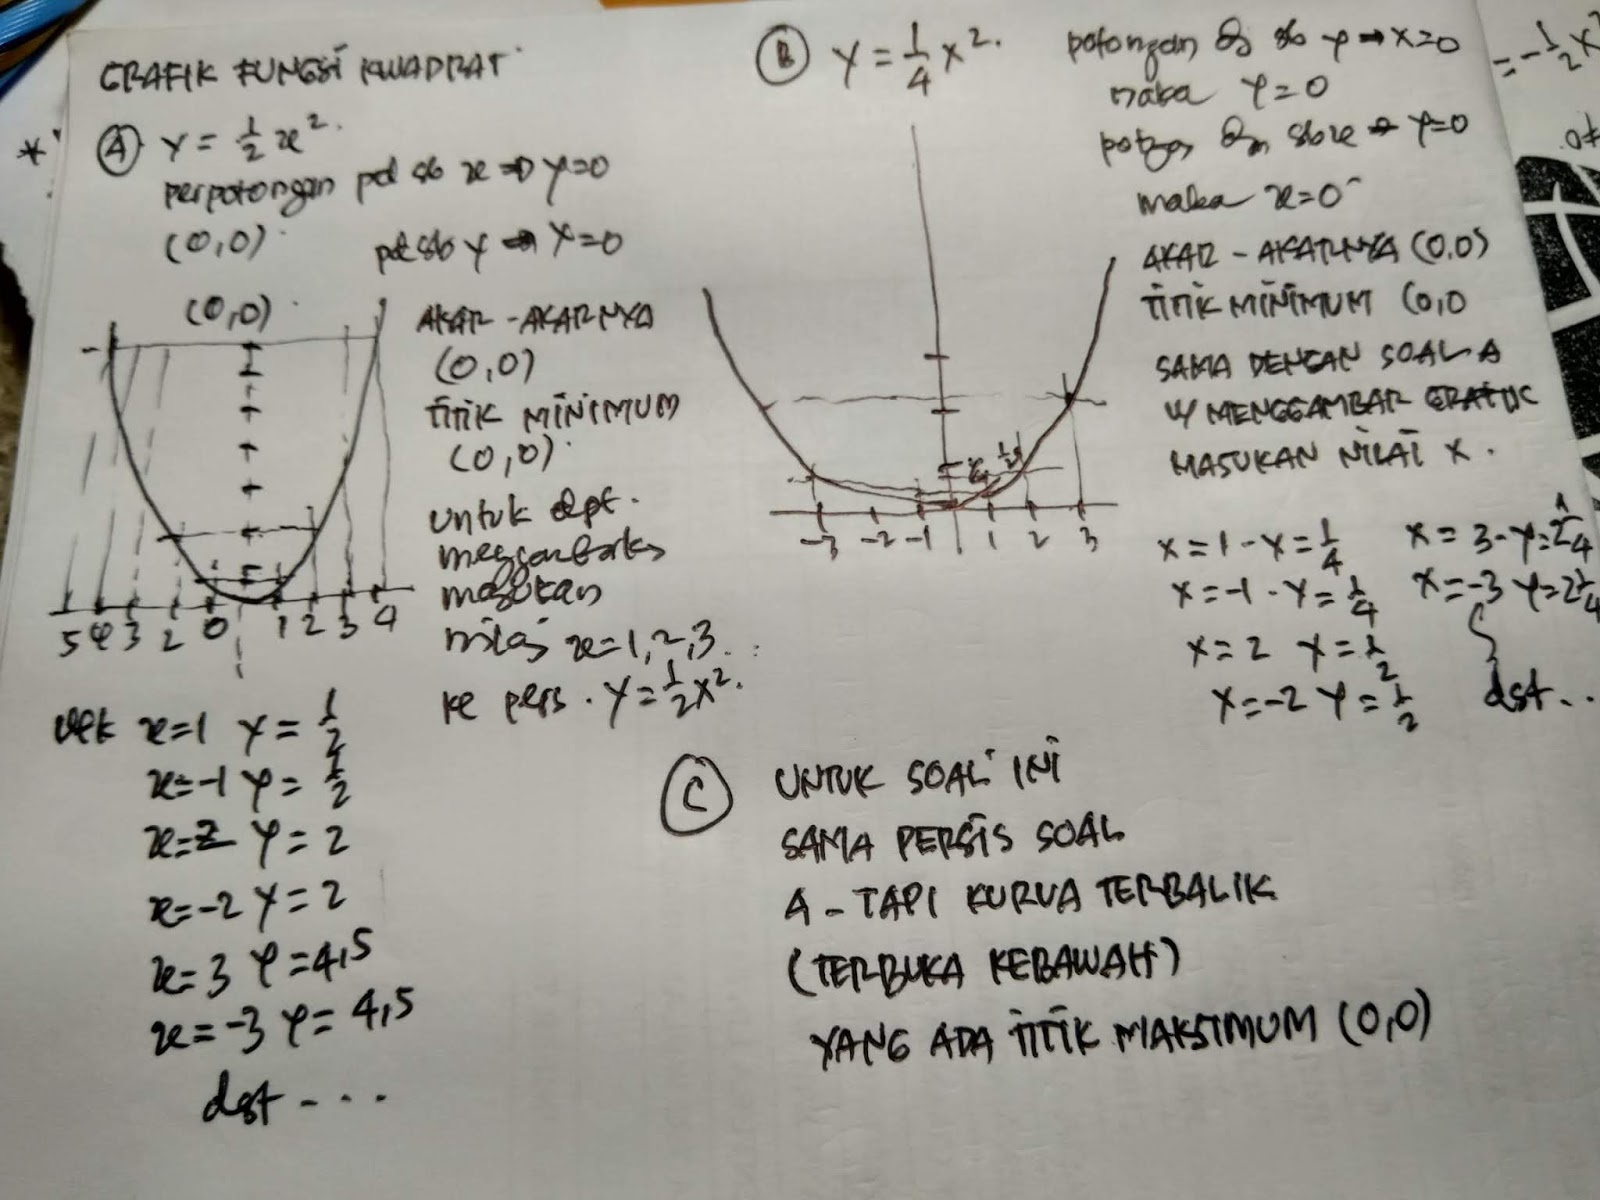 Jawaban Buku Siswa Matematika Kelas 9 Latihan 2.2 Hal 92 ...